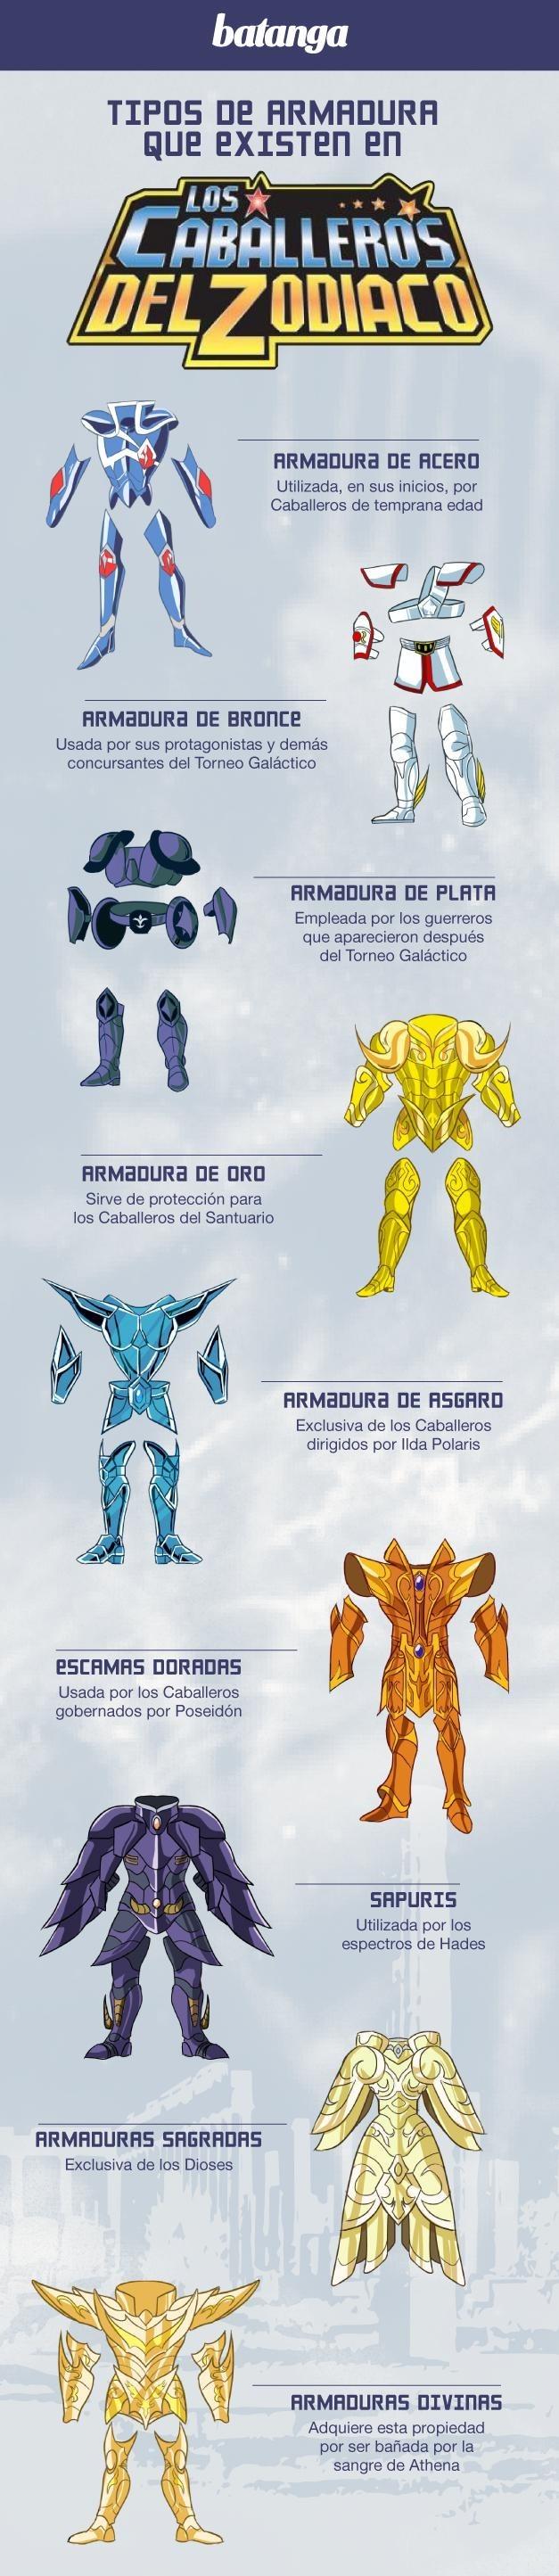 armaduras caballeros del zodiaco